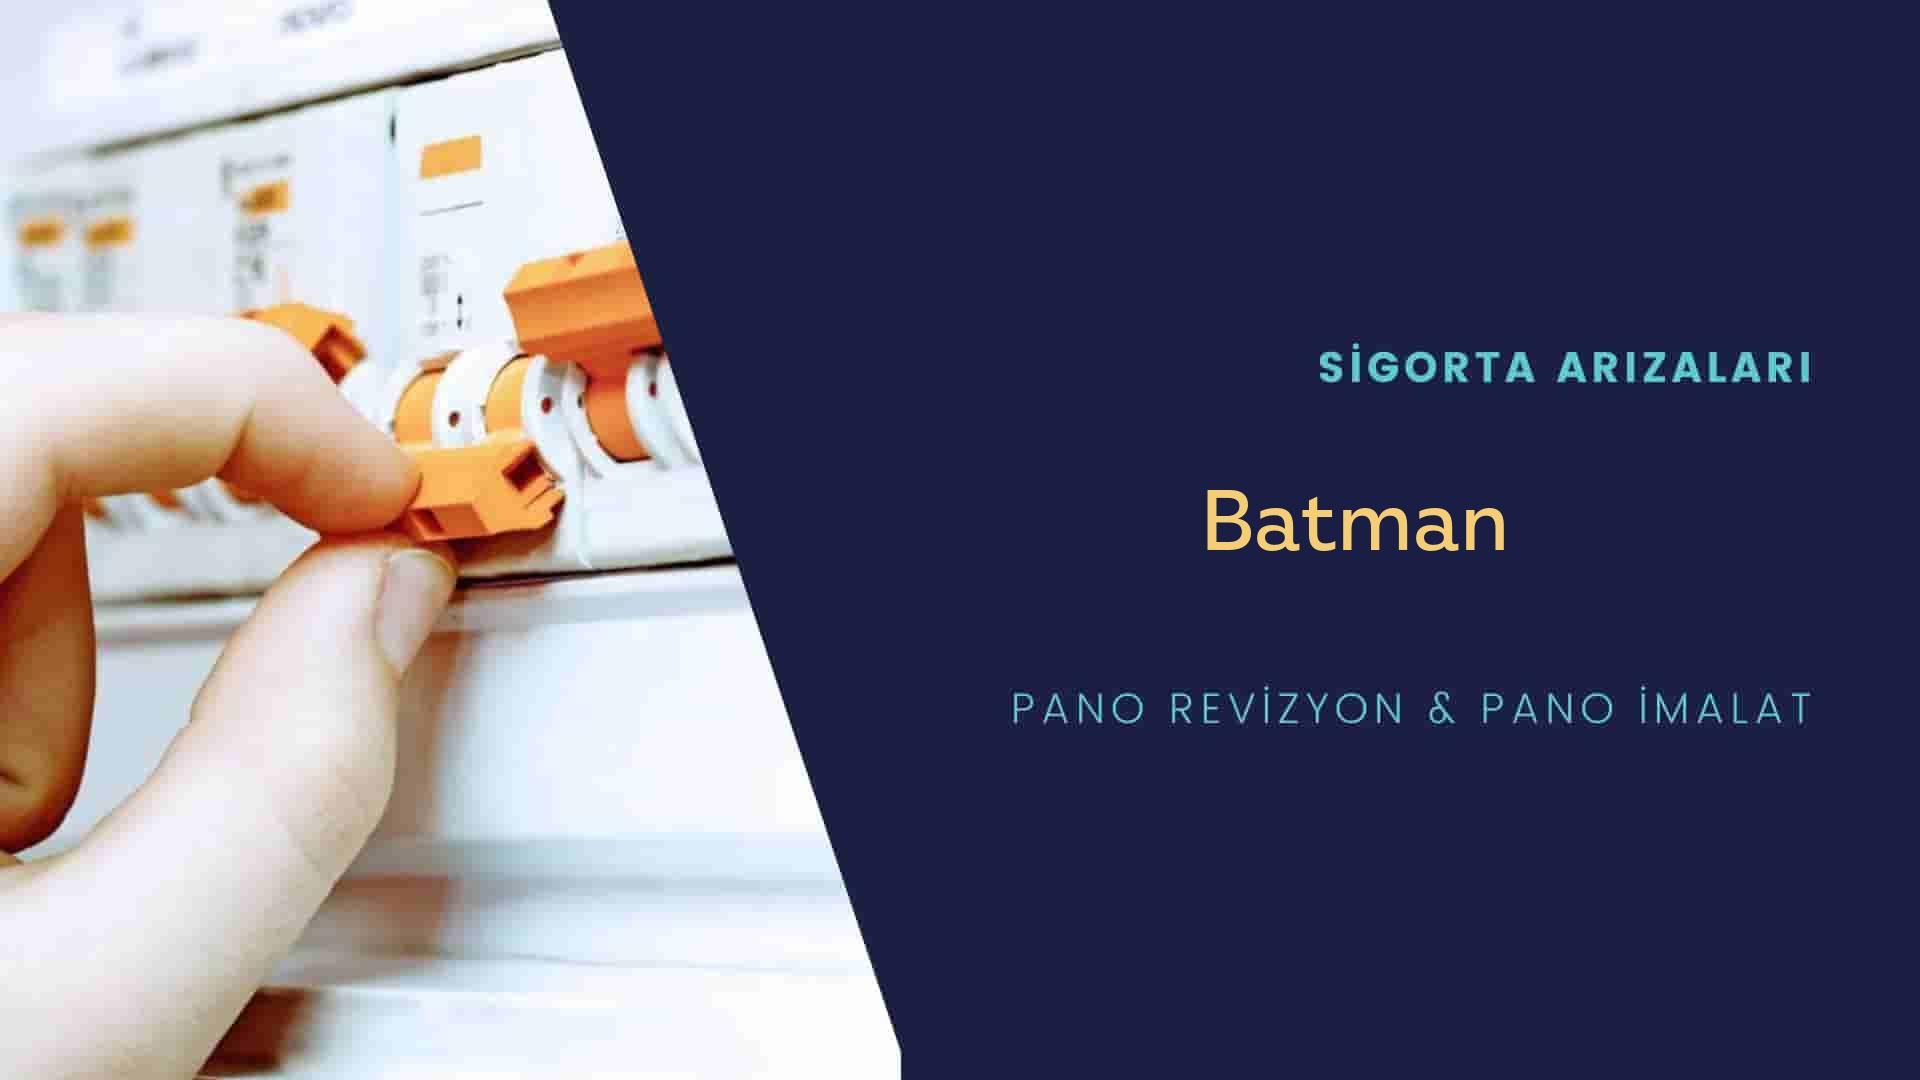 Batman Sigorta Arızaları İçin Profesyonel Elektrikçi ustalarımızı dilediğiniz zaman arayabilir talepte bulunabilirsiniz.